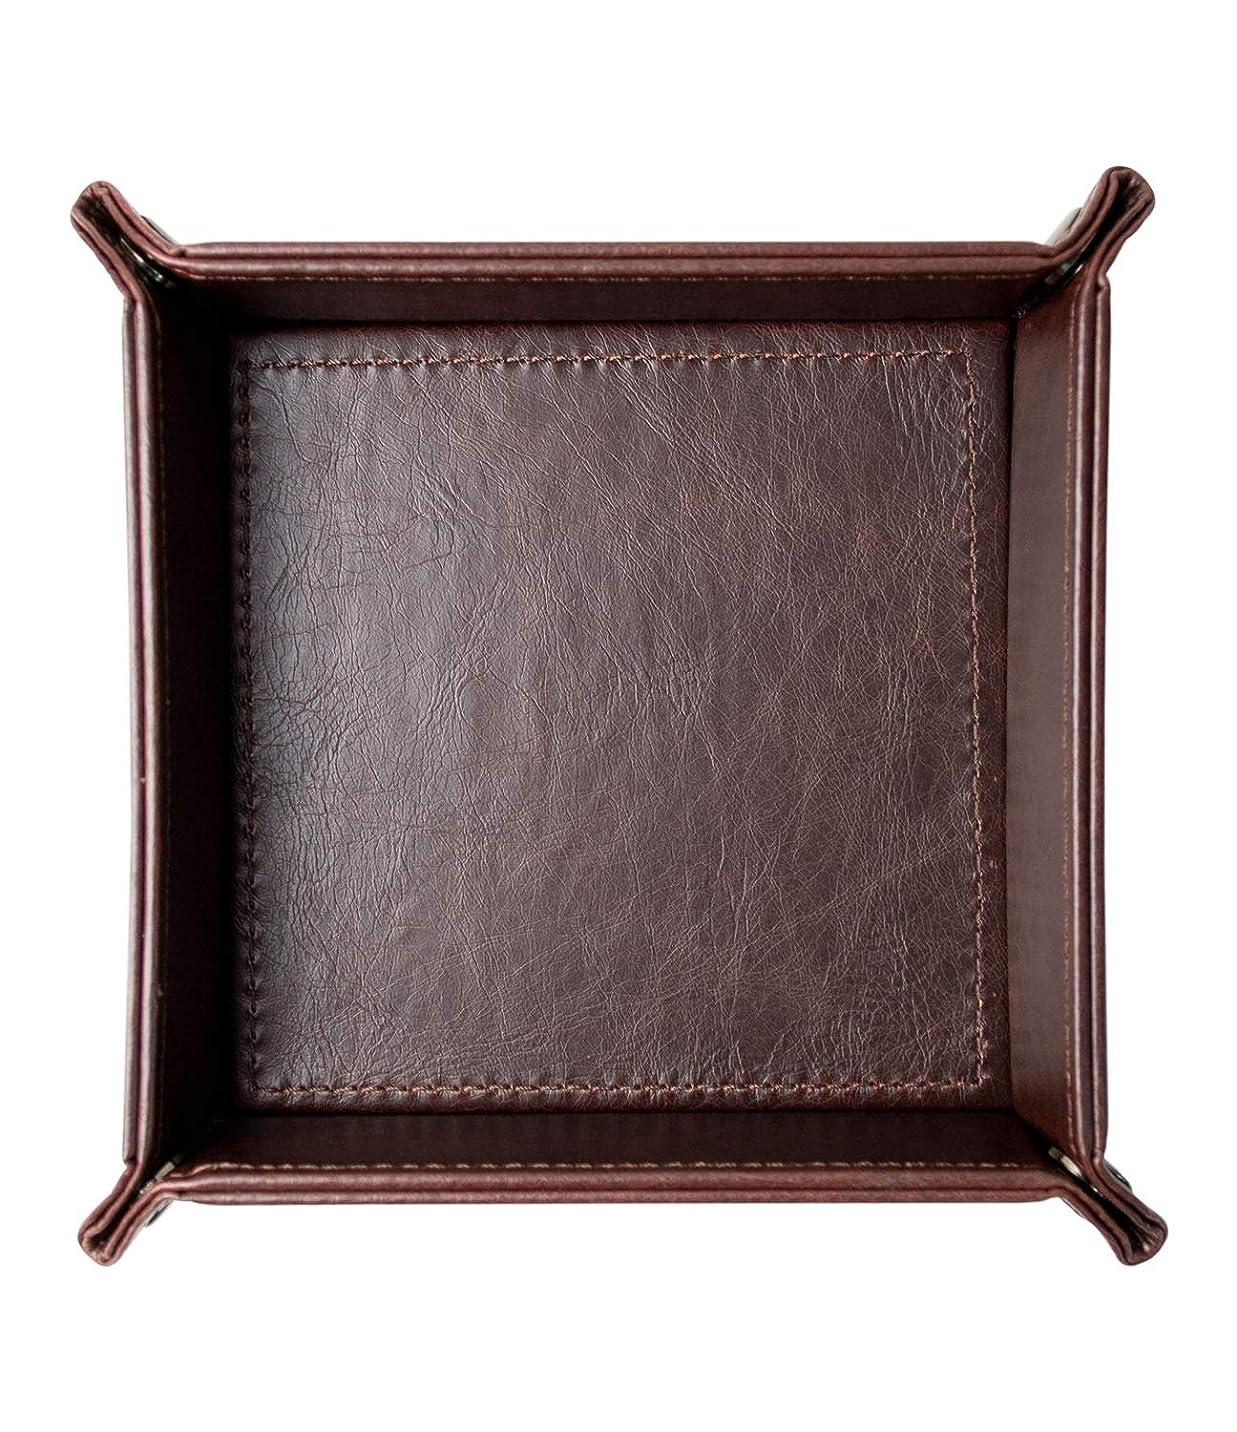 米ドル一般カーペットHIGH FIVE 正方形 レザートレー トレイ 小物入れ アクセサリー リモコン 鍵 腕時計 指輪 収納ボックス おしゃれ ダークブラウン